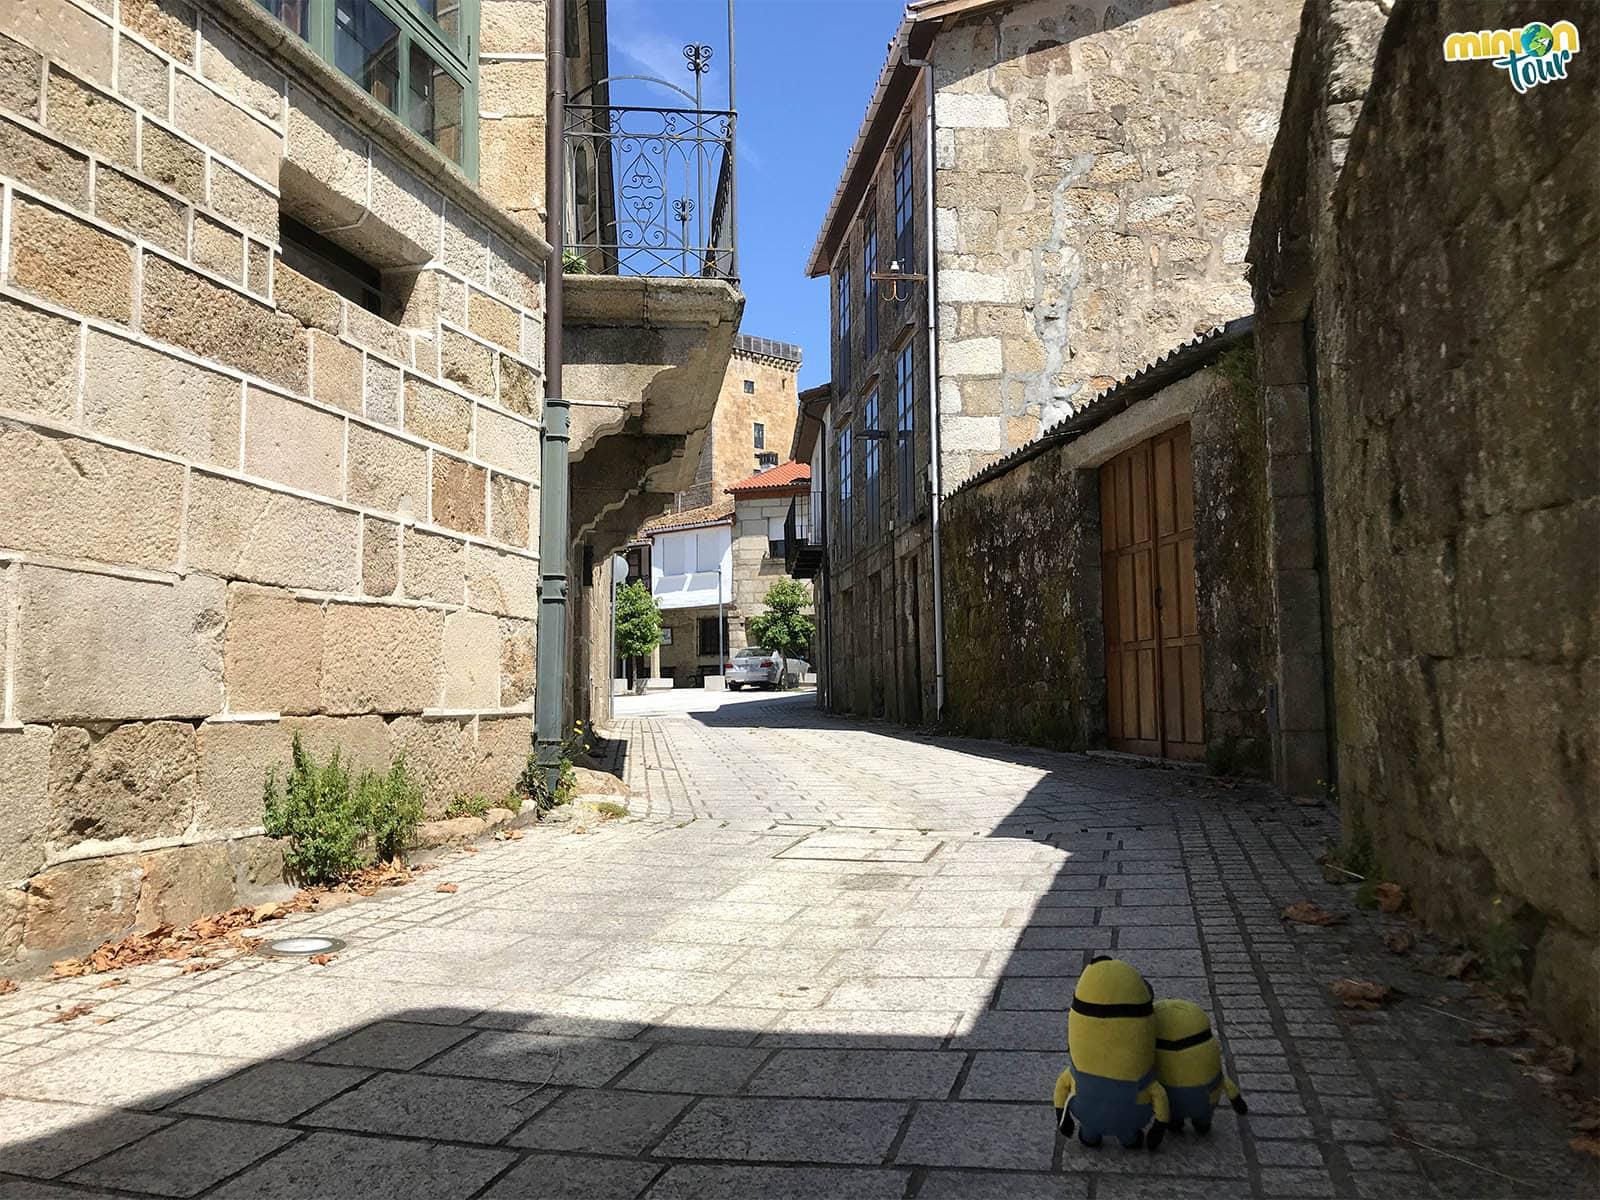 Nos perdemos por las calles medievales del burgo de Vilanova